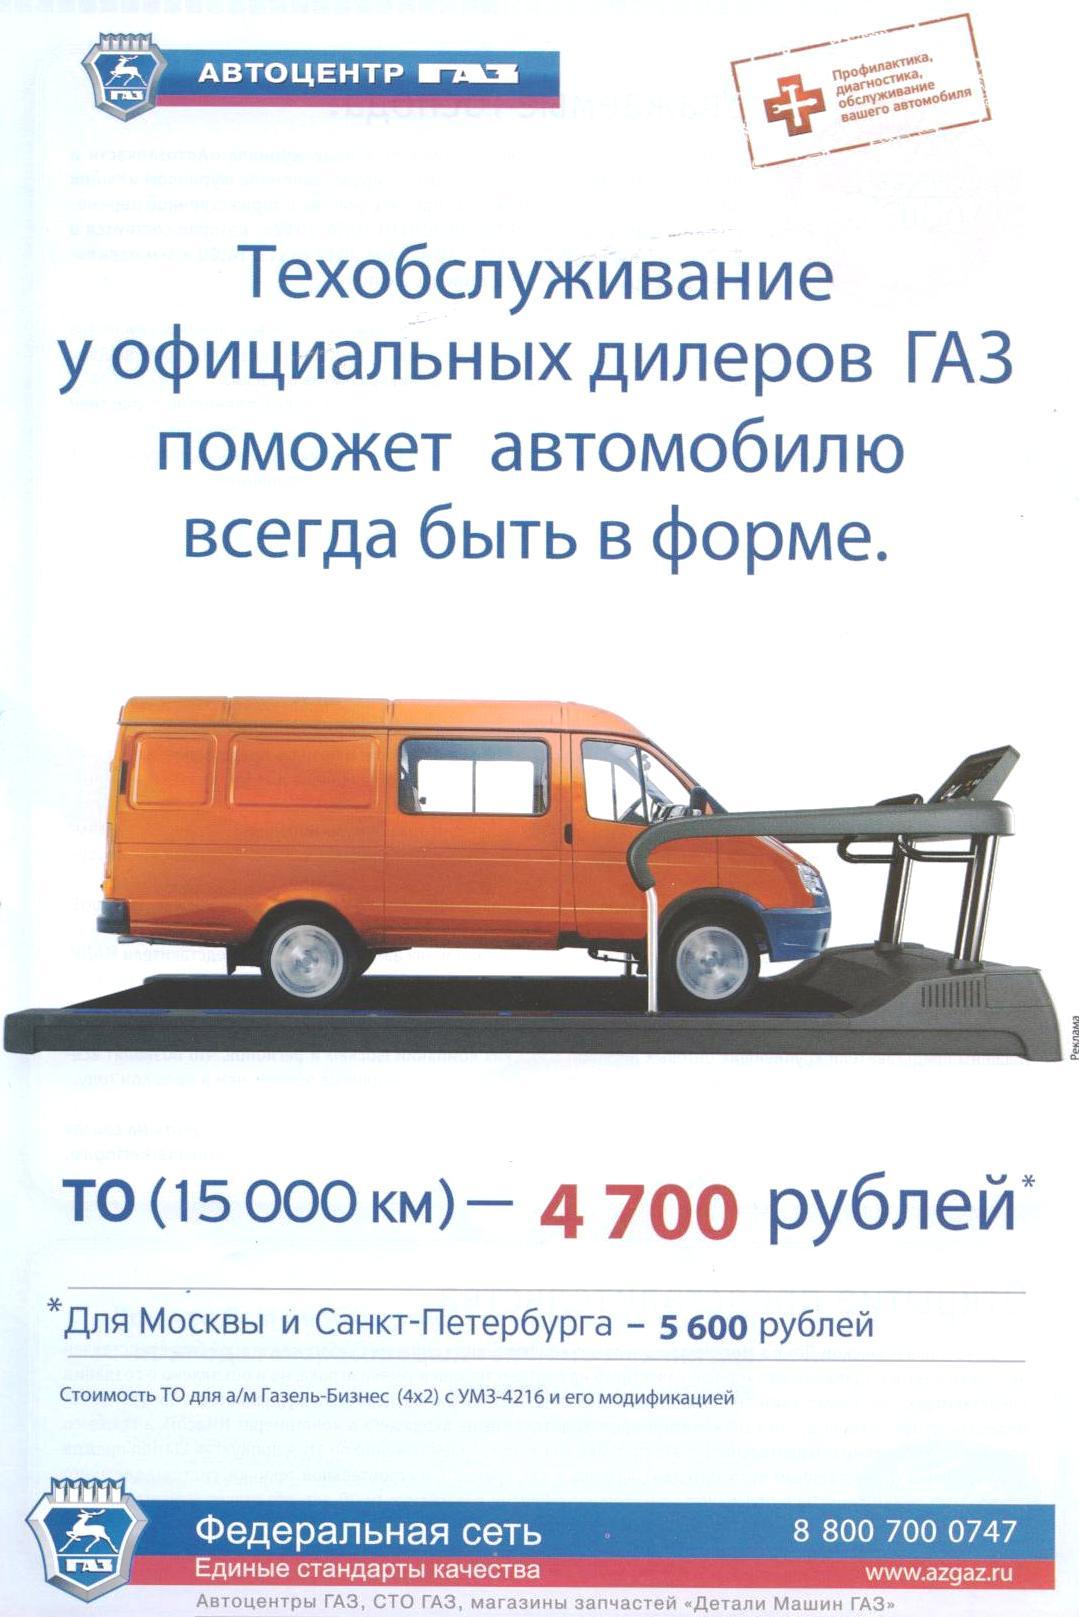 Больше ЛМК в России www.steelbuildings.ru Решился попросить. Уважаемые Больше-вики, пишите Больше про сервис на нашем рынке.